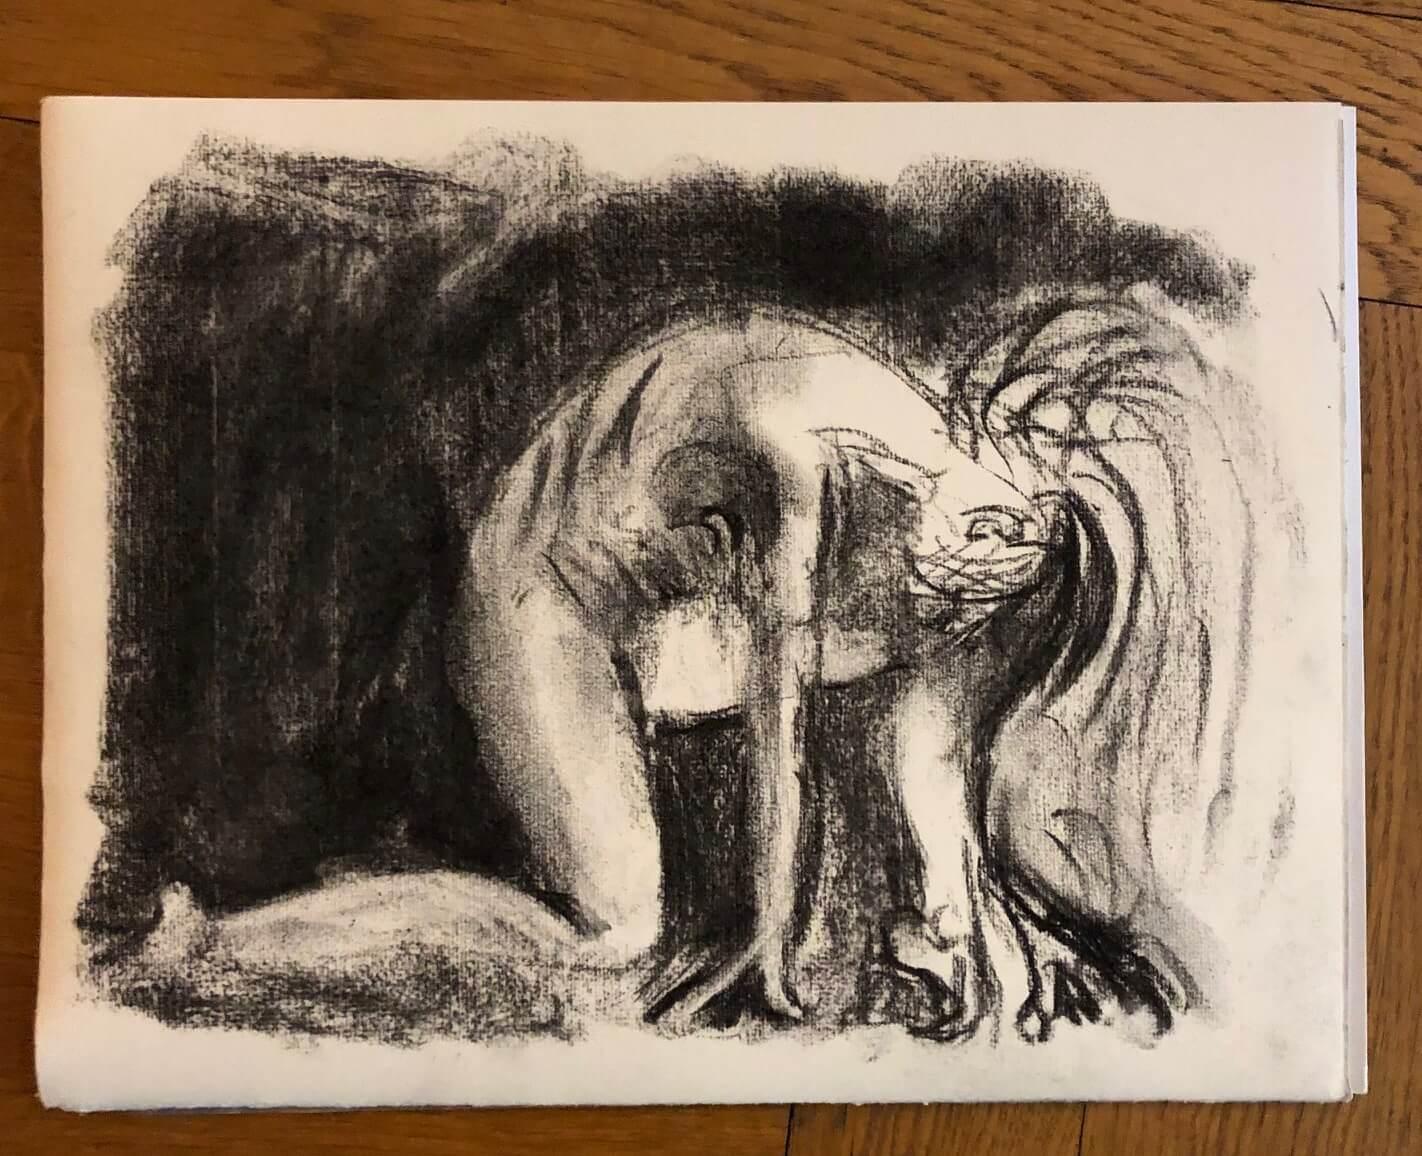 Dessin fusain sur papier ingres mod�le nu  cours de dessin